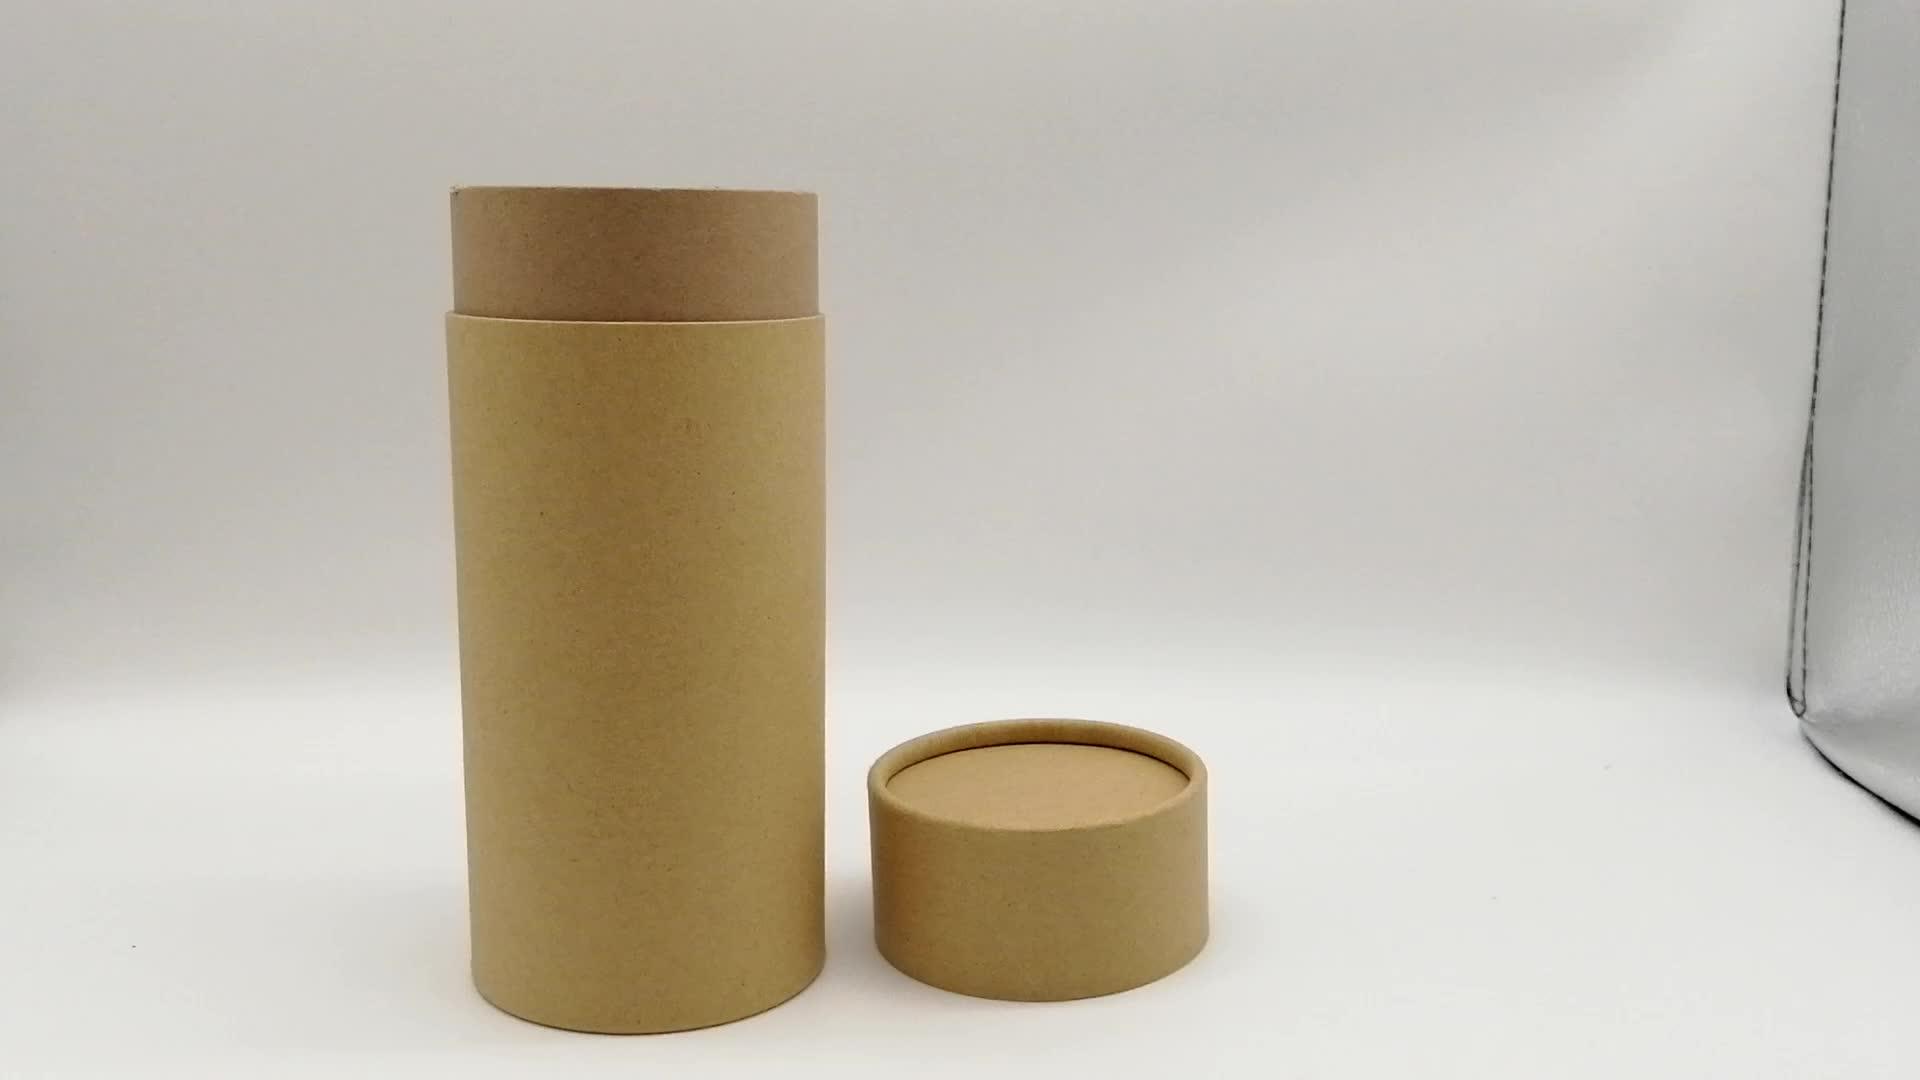 Yüksek Kalite Özel Baskılı Tasarım Çevre Dostu Karton Silindir Yuvarlak Hediye Kağıt Kutuları Ambalaj